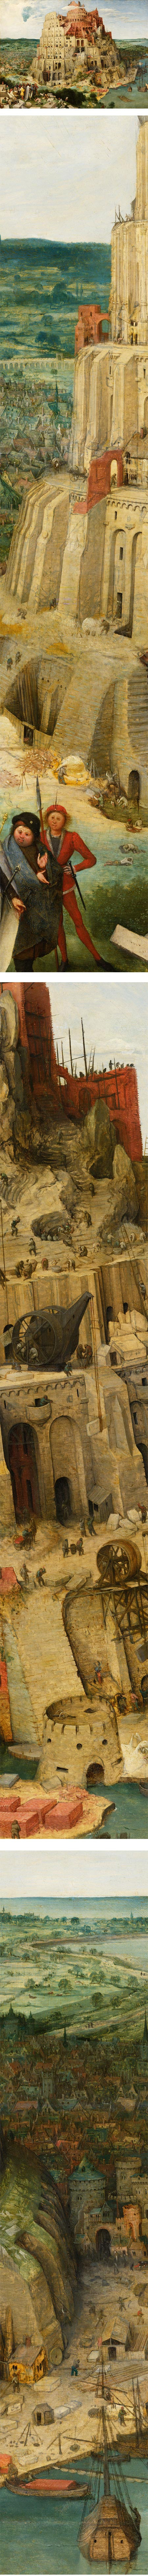 The Tower of Babel, Pieter Bruegel the Elder